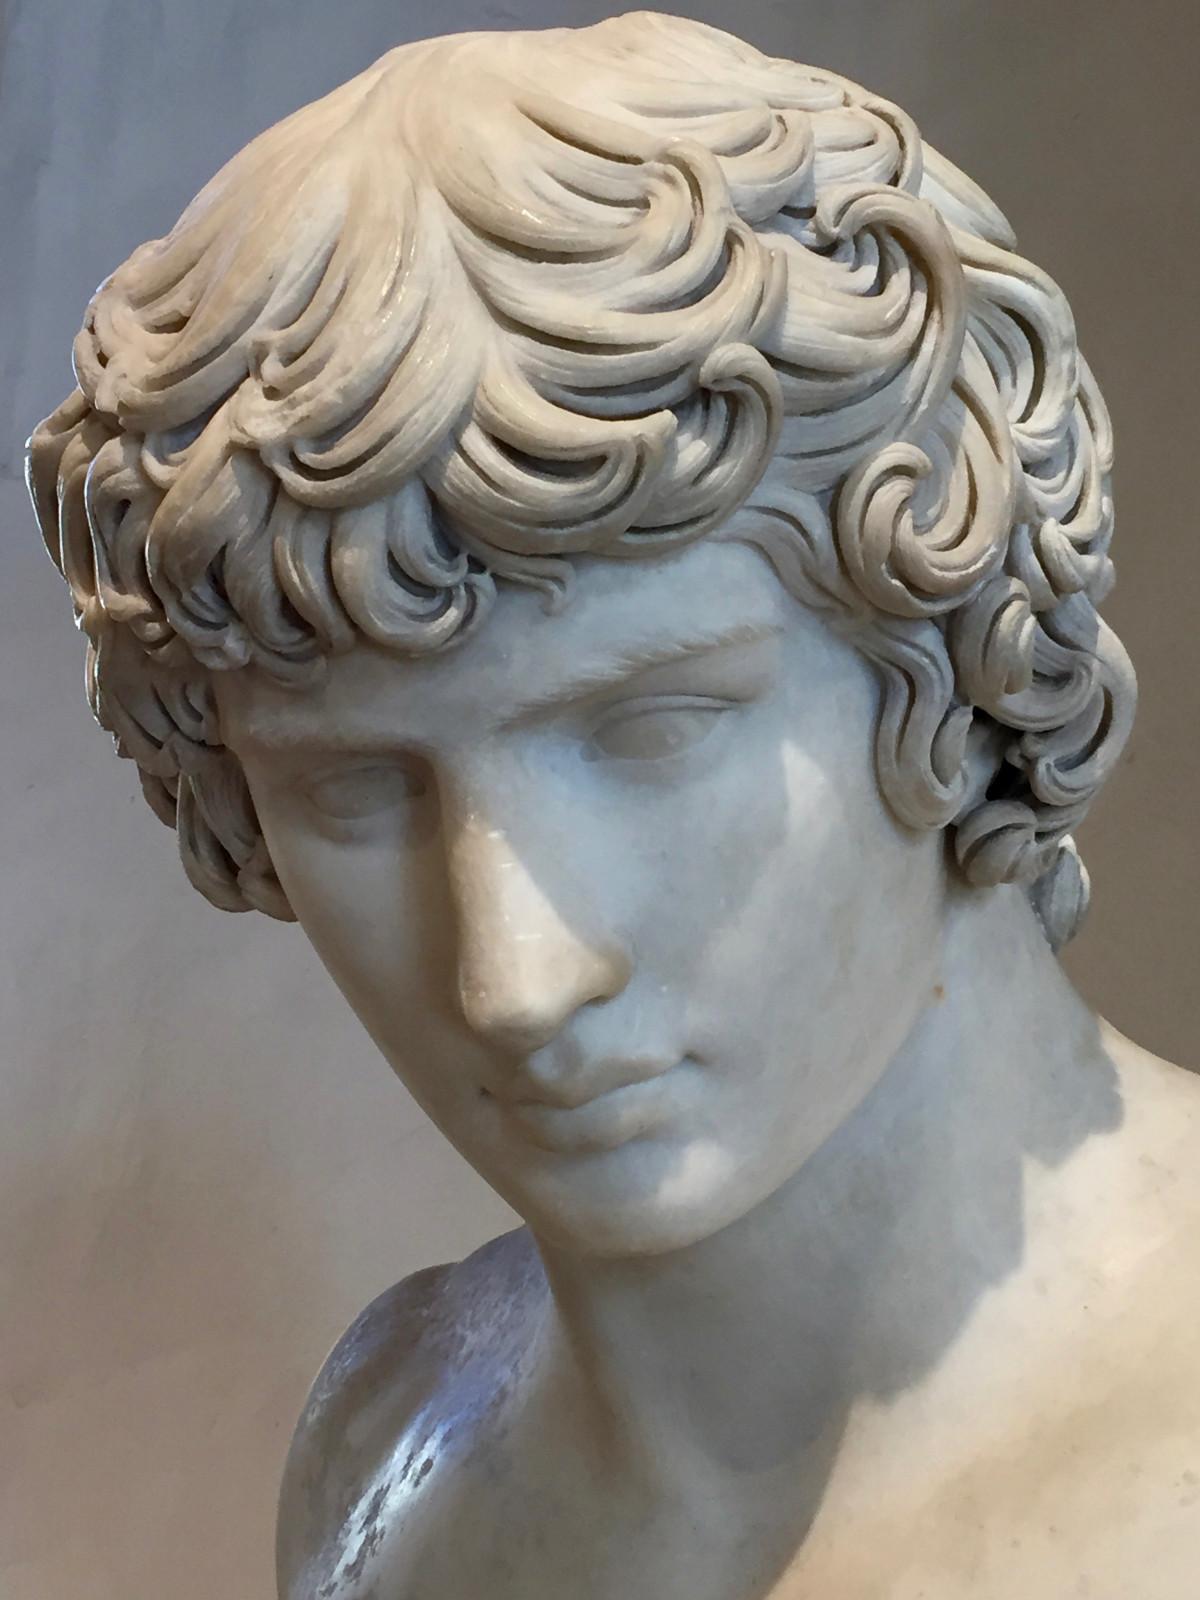 Monumento estatua escultura art cabeza mármol tallado alivio esculpir historia antigua Griego antiguo Estructura no edificable Escultura clásica